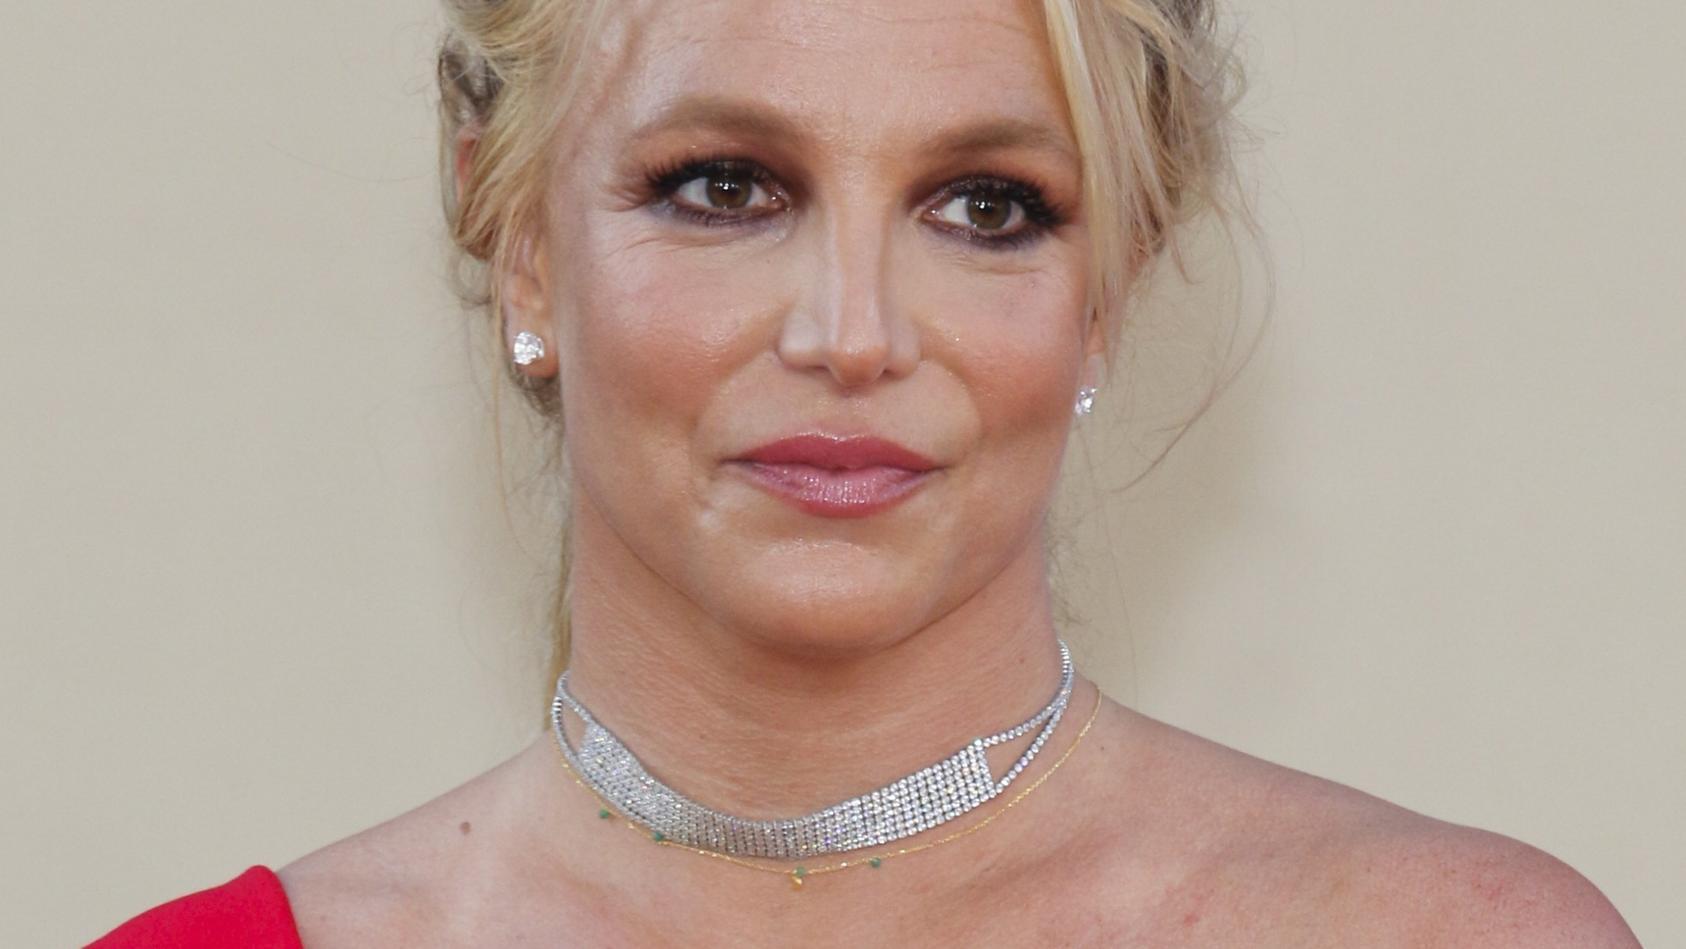 Britney Spears soll aufgrund ihrer Vormundschaft nicht einmal erlaubt sein Auto zu fahren oder das Haus ohne Absprache zu verlassen.